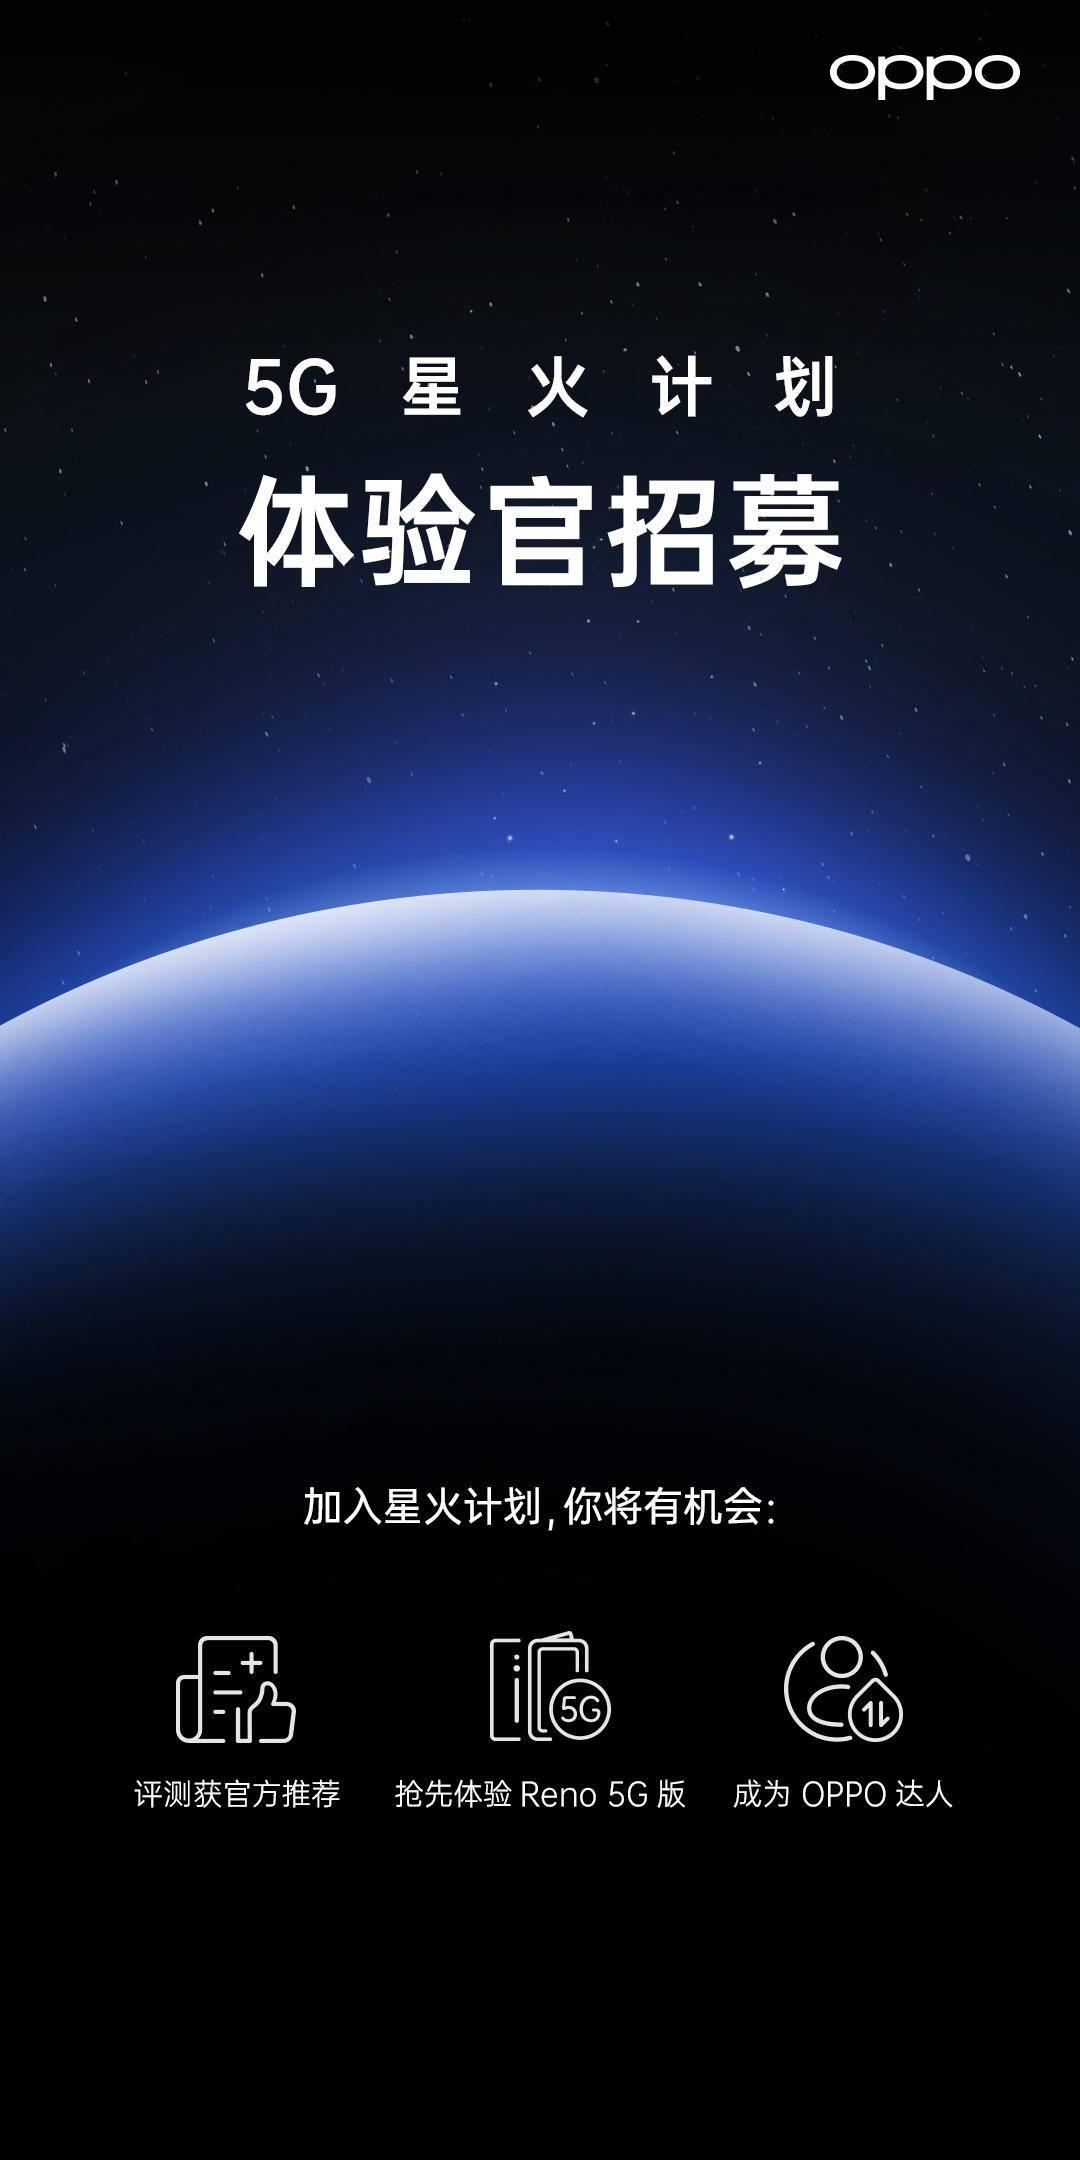 聯通5g海報